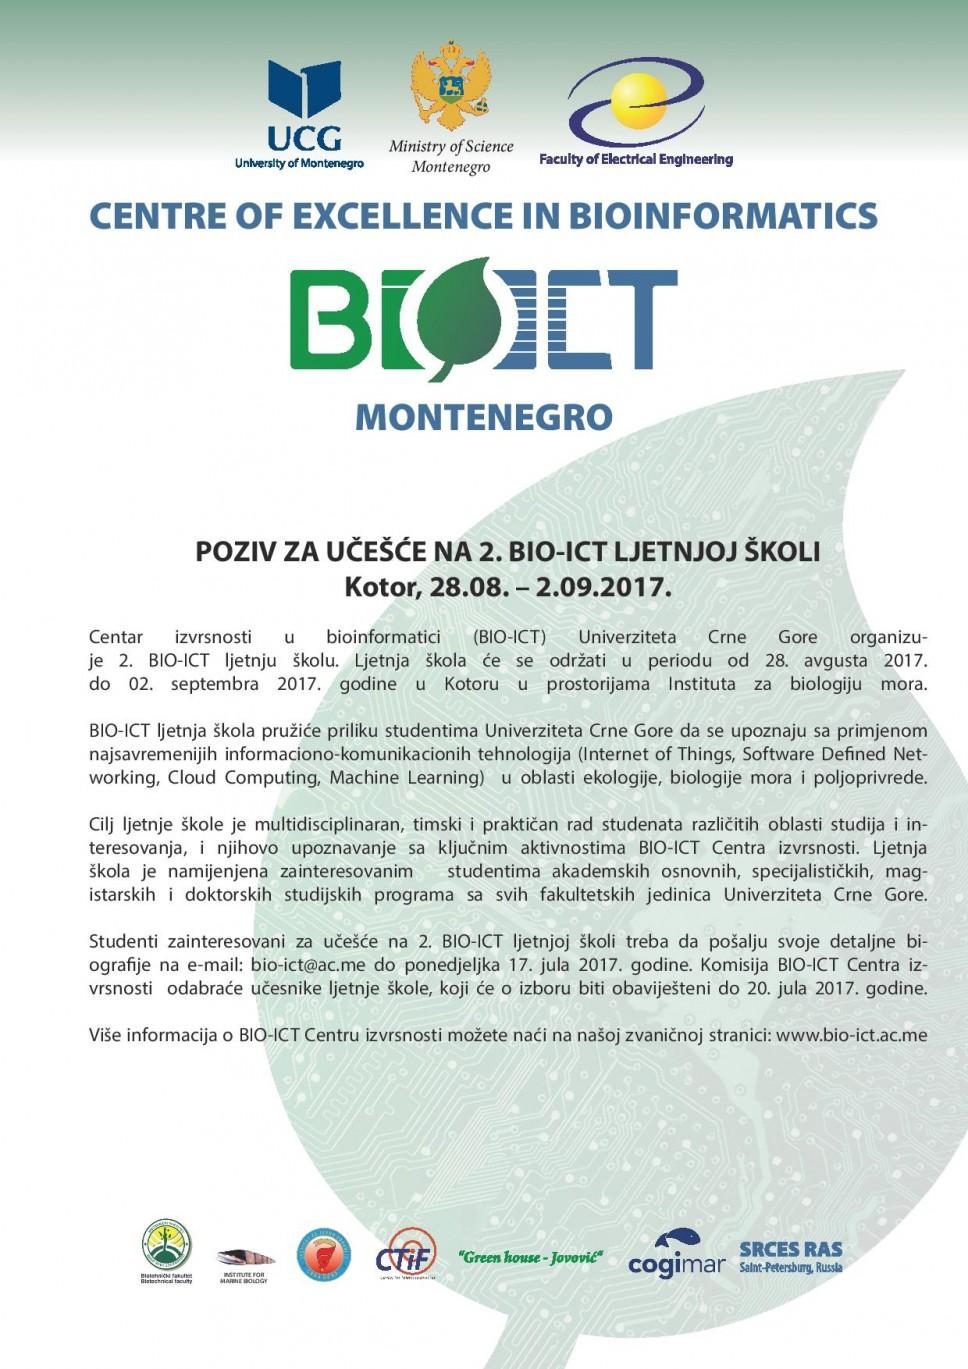 Poziv za 2. BIO-ICT ljetnju školu u Kotoru